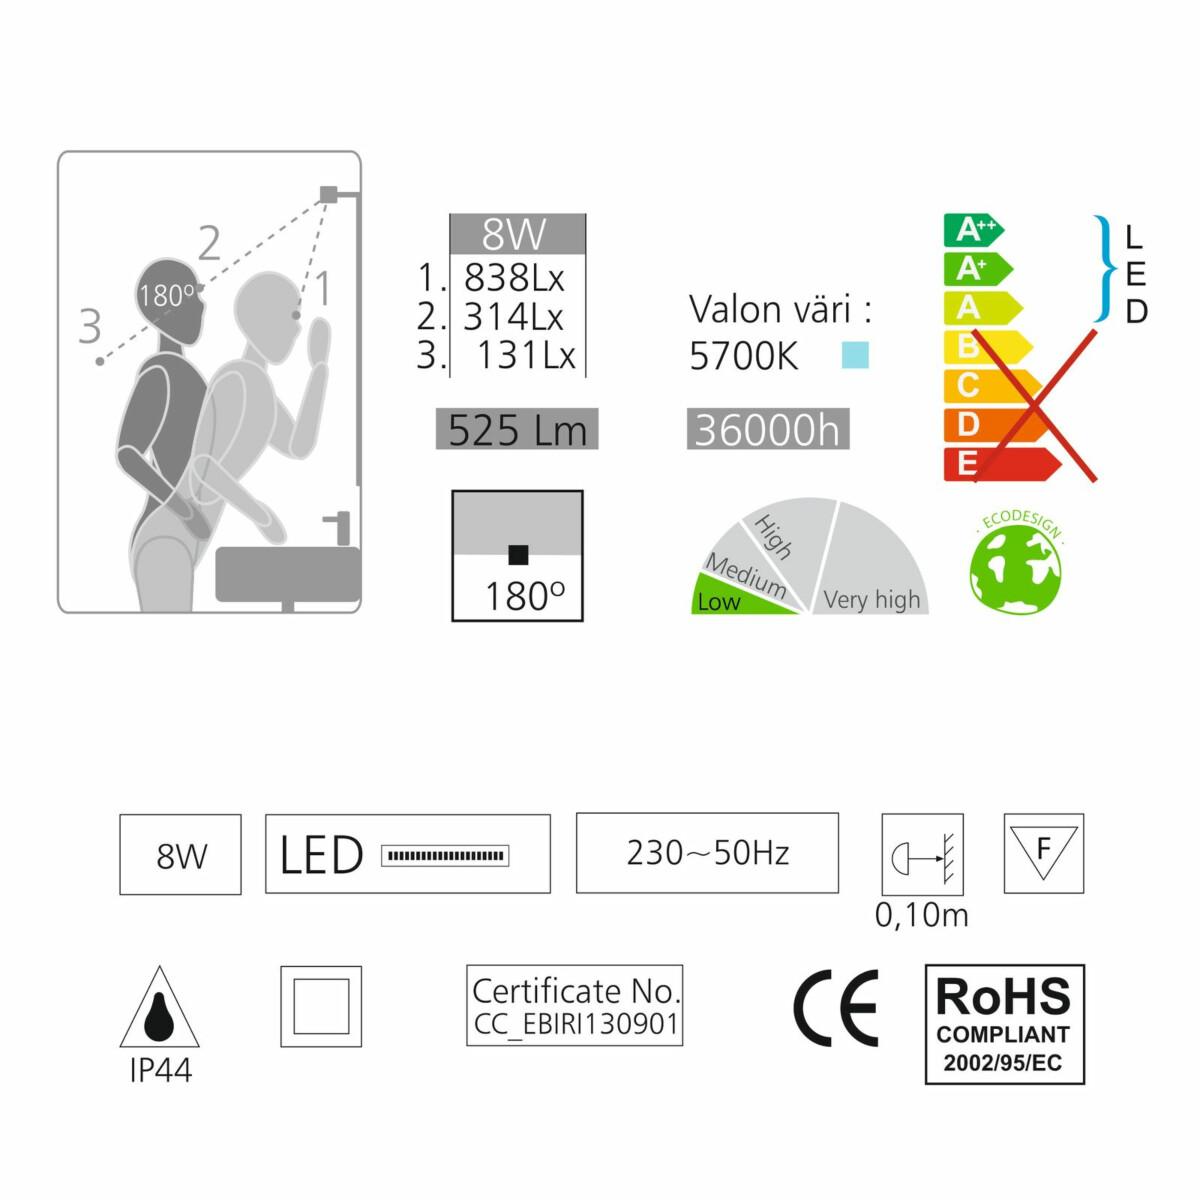 Tämä sinun on hyvä tietää kun olet hankkimassa LED valaisinta